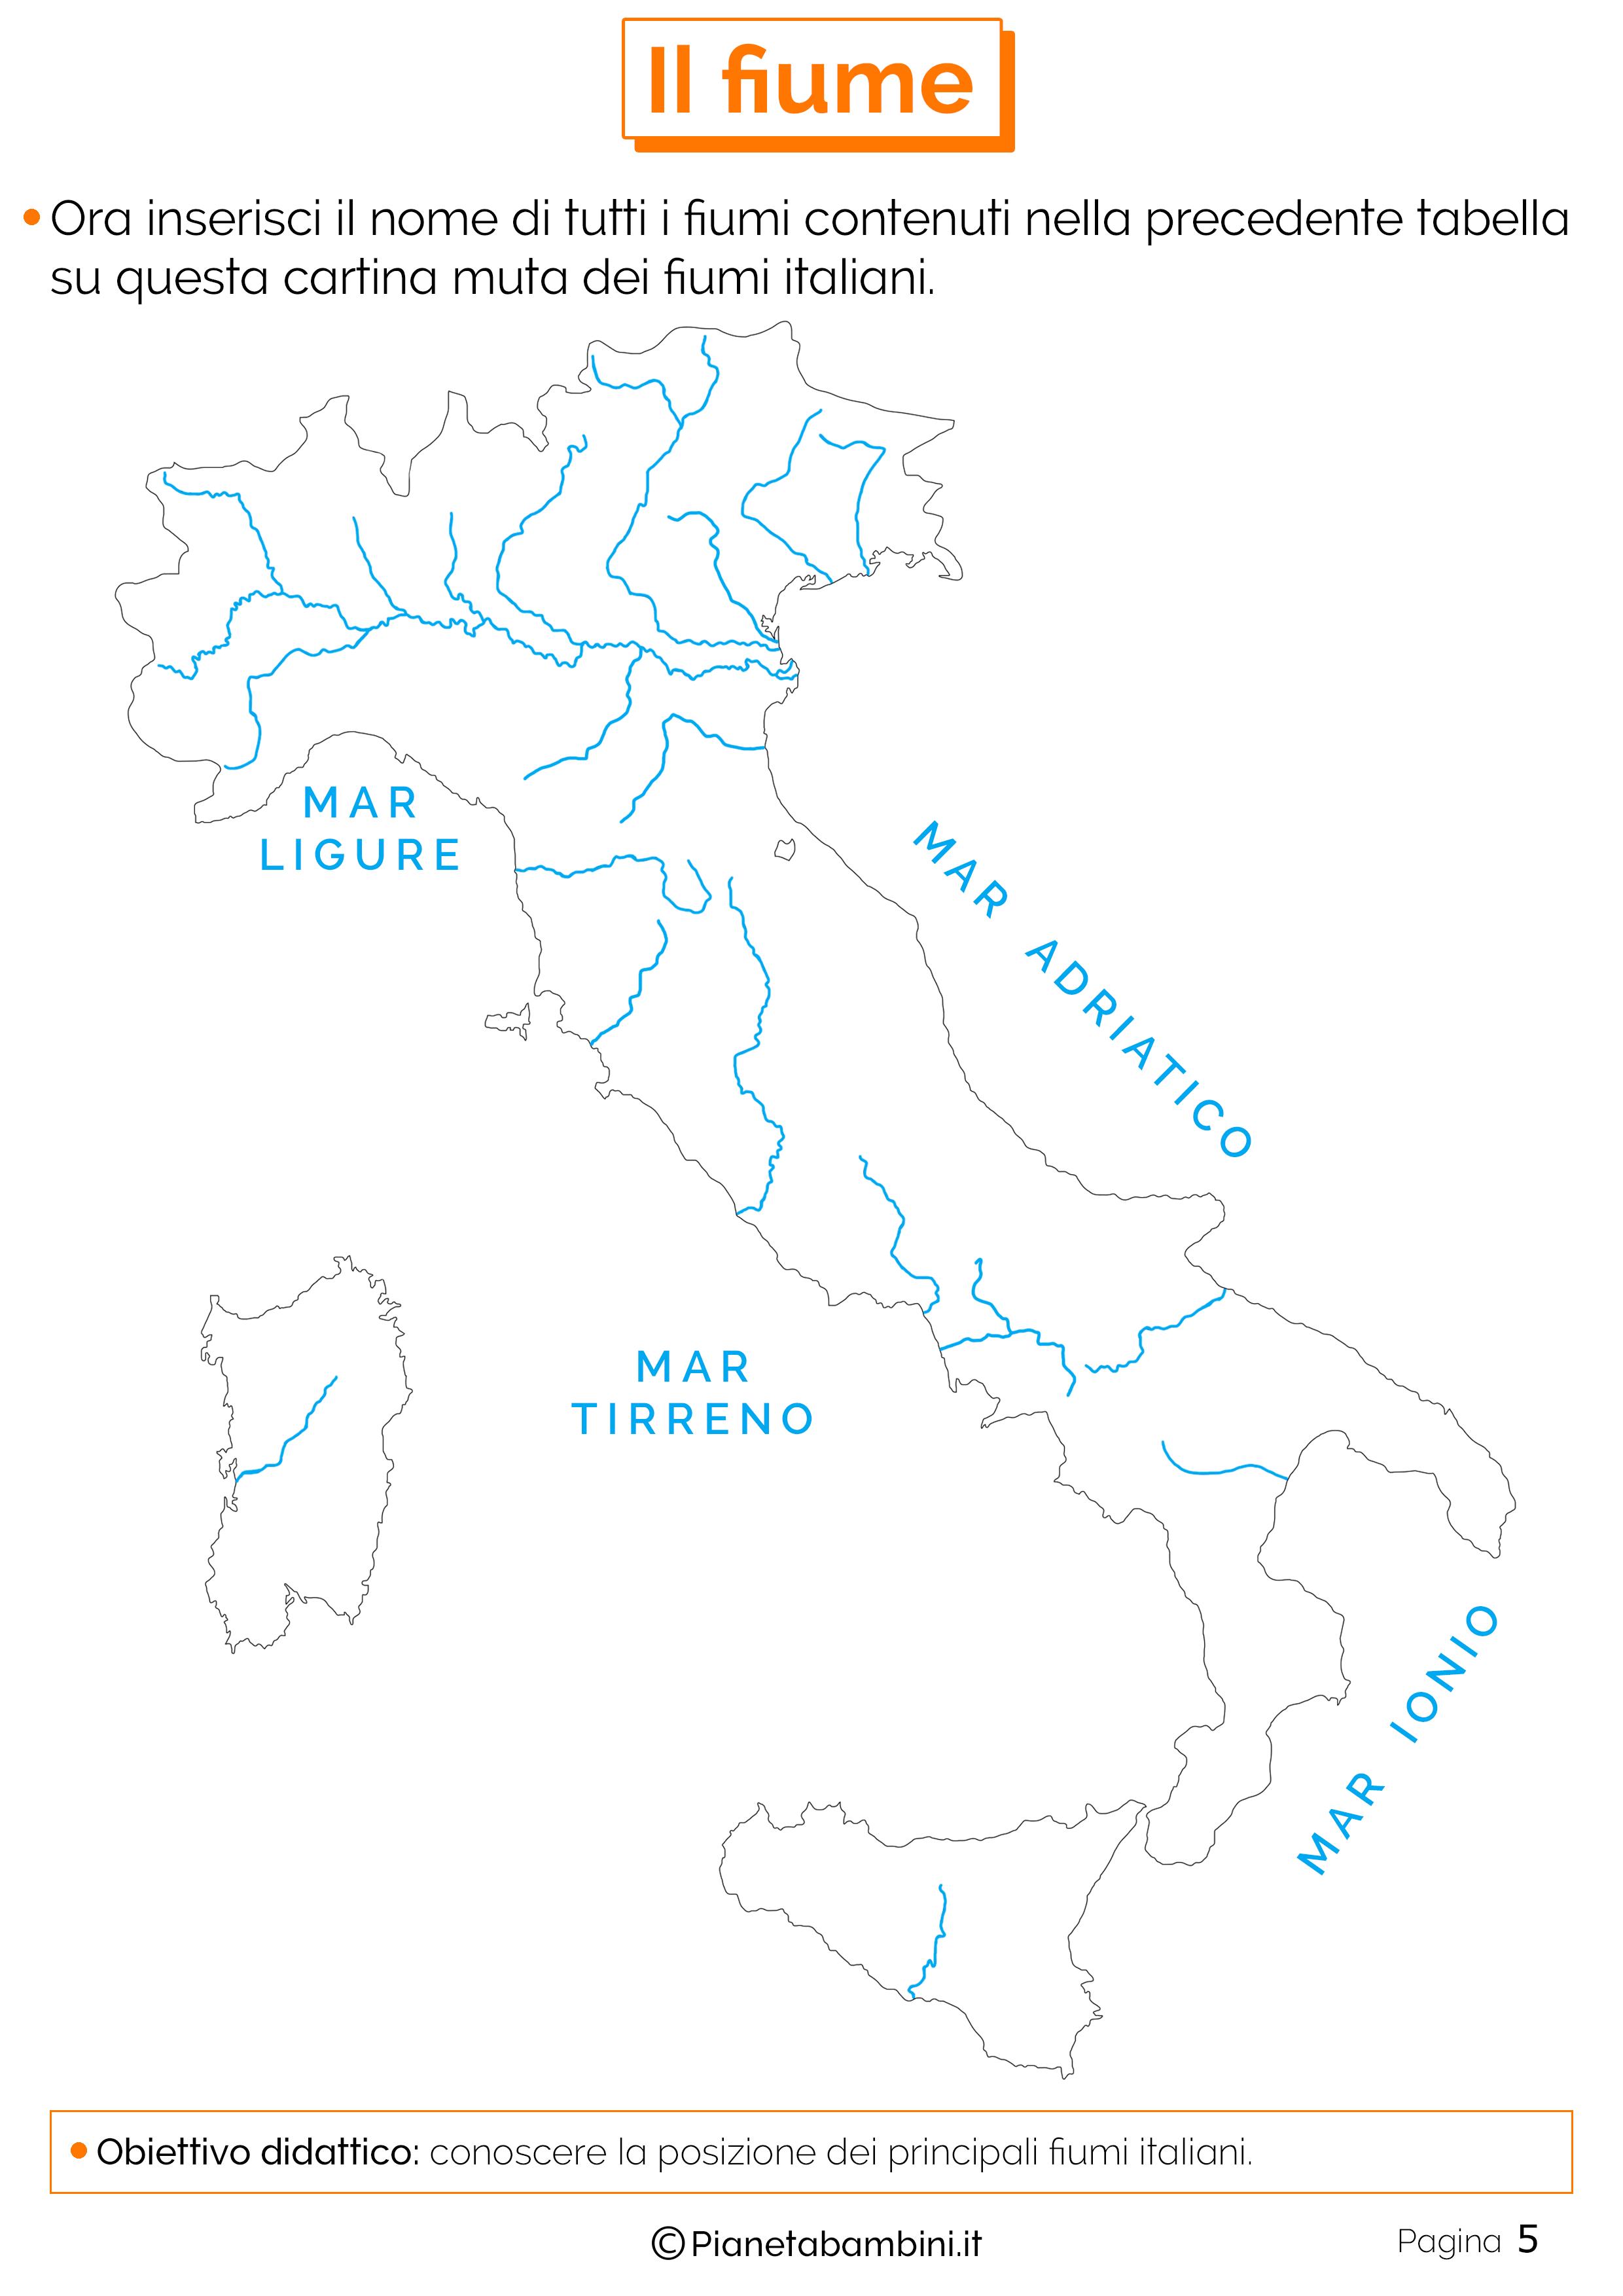 Cartina Italia Muta Fiumi.Il Fiume Schede Didattiche Per La Scuola Primaria Schede Didattiche Attivita Geografia Scuola